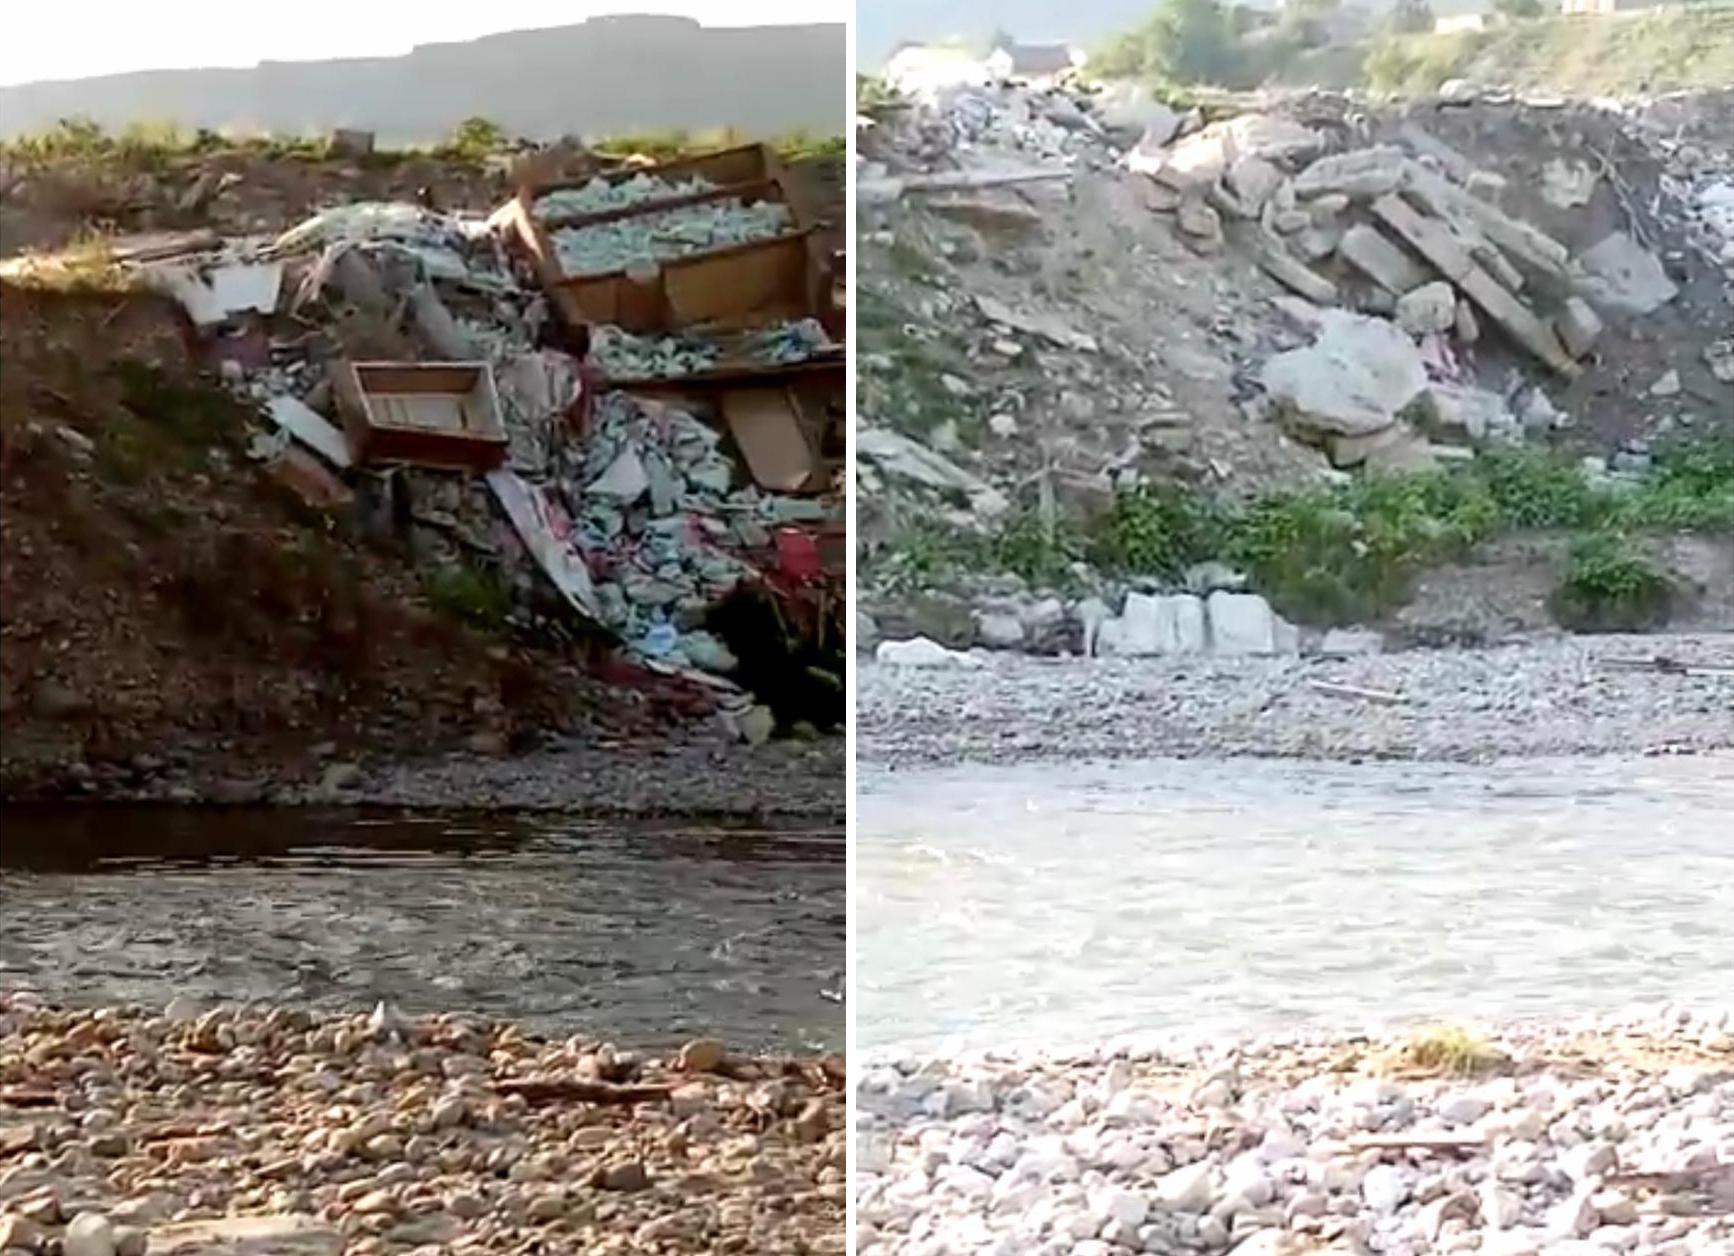 Власти Предгорного округа разбираются в ситуации с загрязнением реки Подкумок